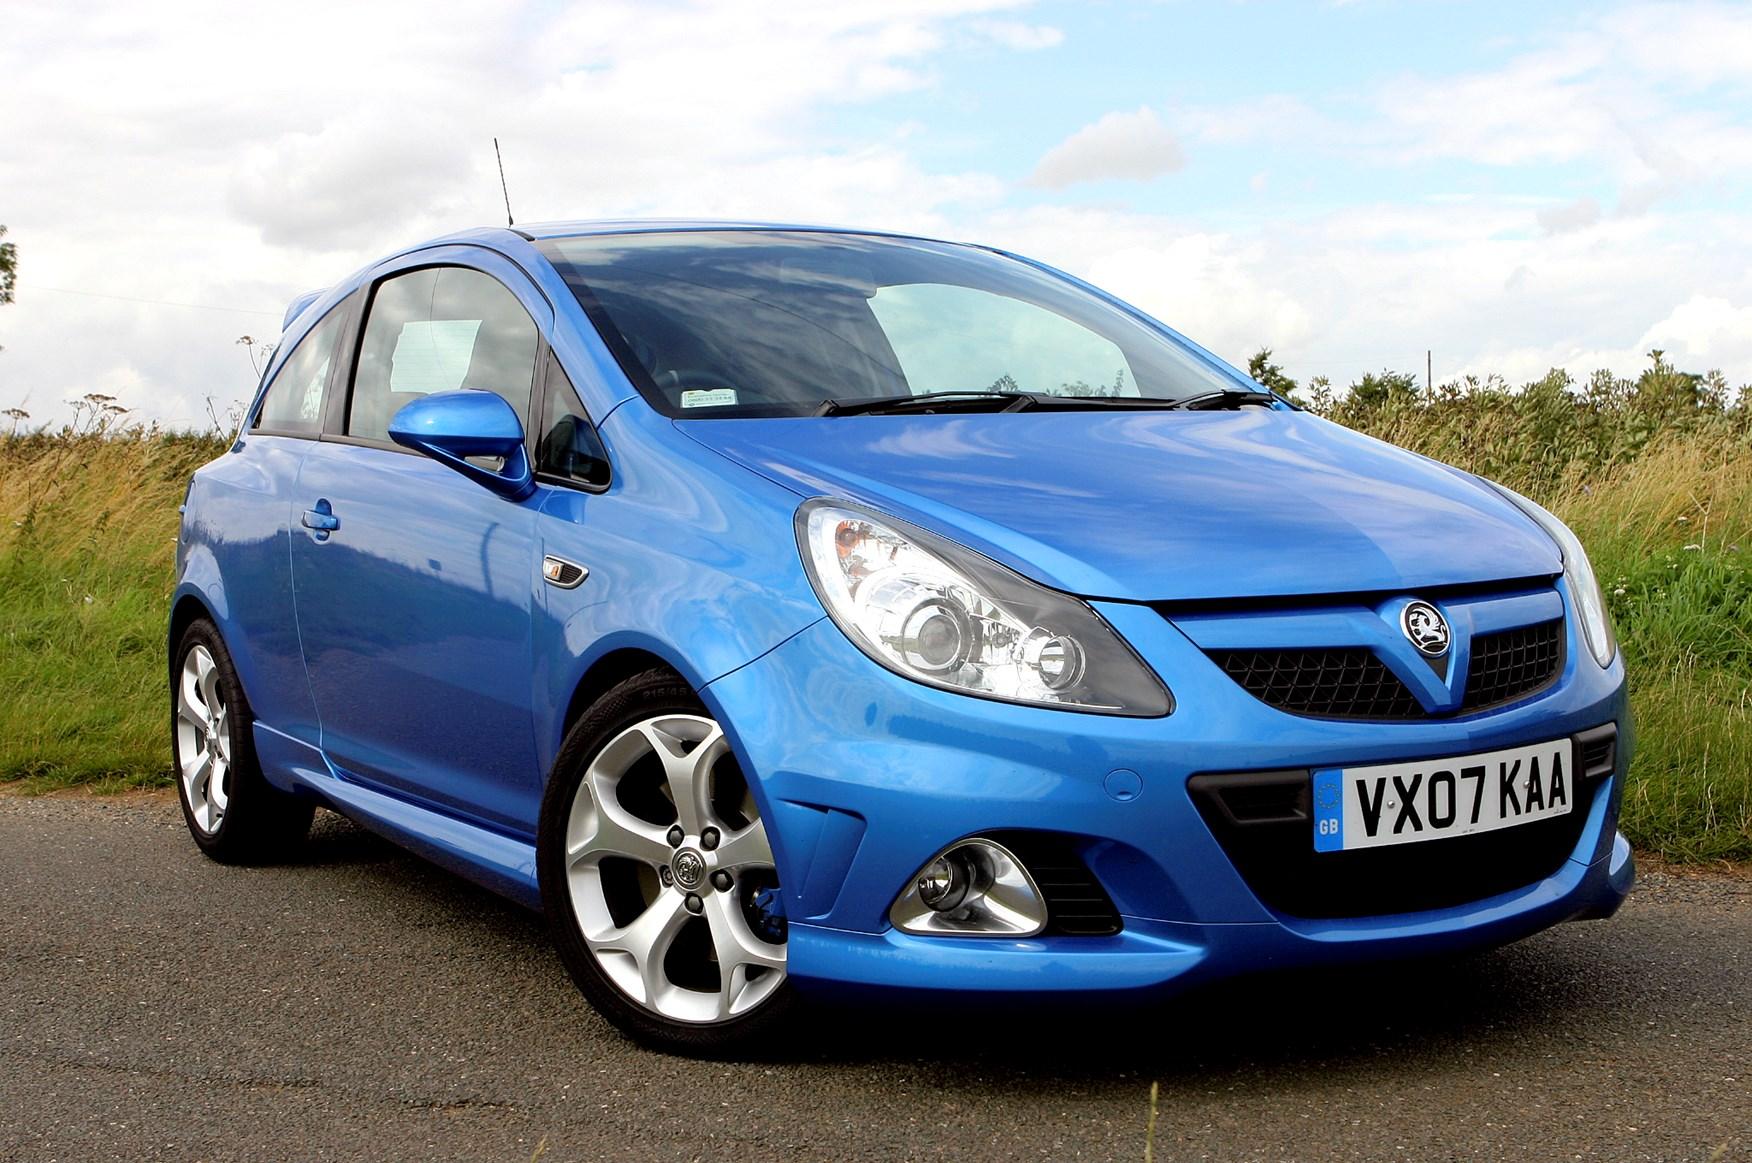 Vauxhall Corsa VXR (2007 - 2014) Photos | Parkers